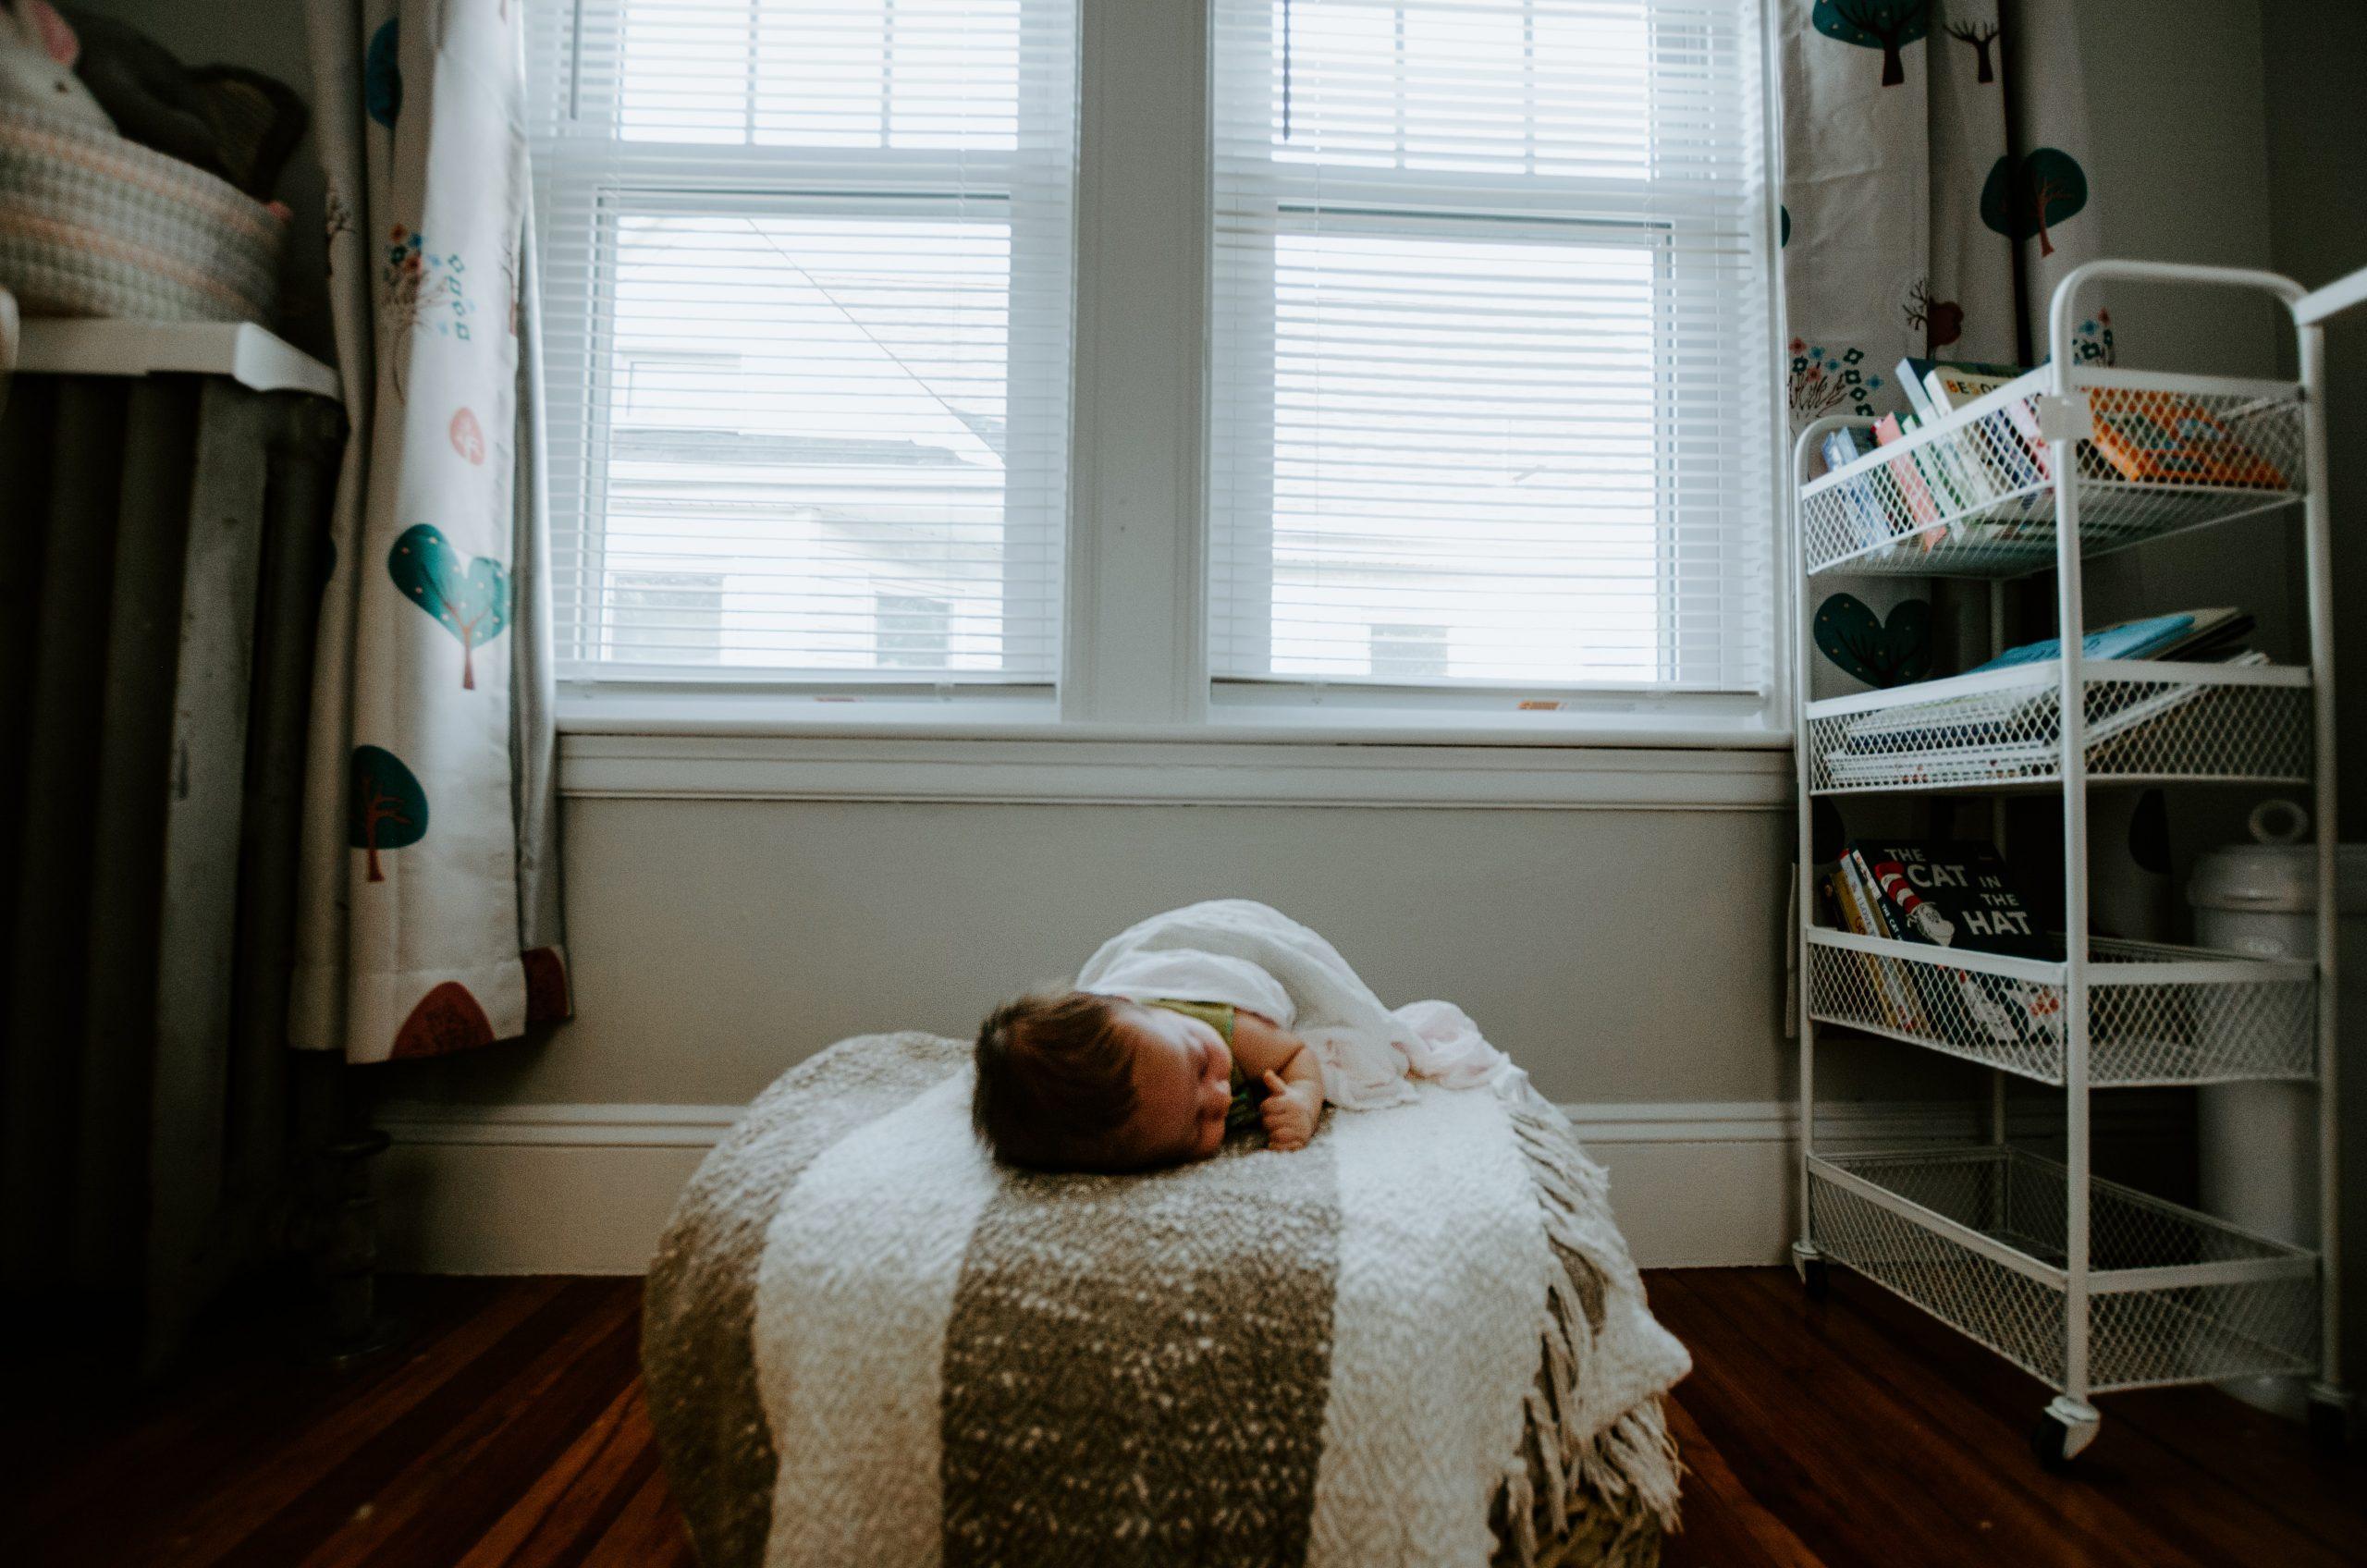 protegemos con estores enrollables, persianas venecianas y cortinas verticales a medida baratas